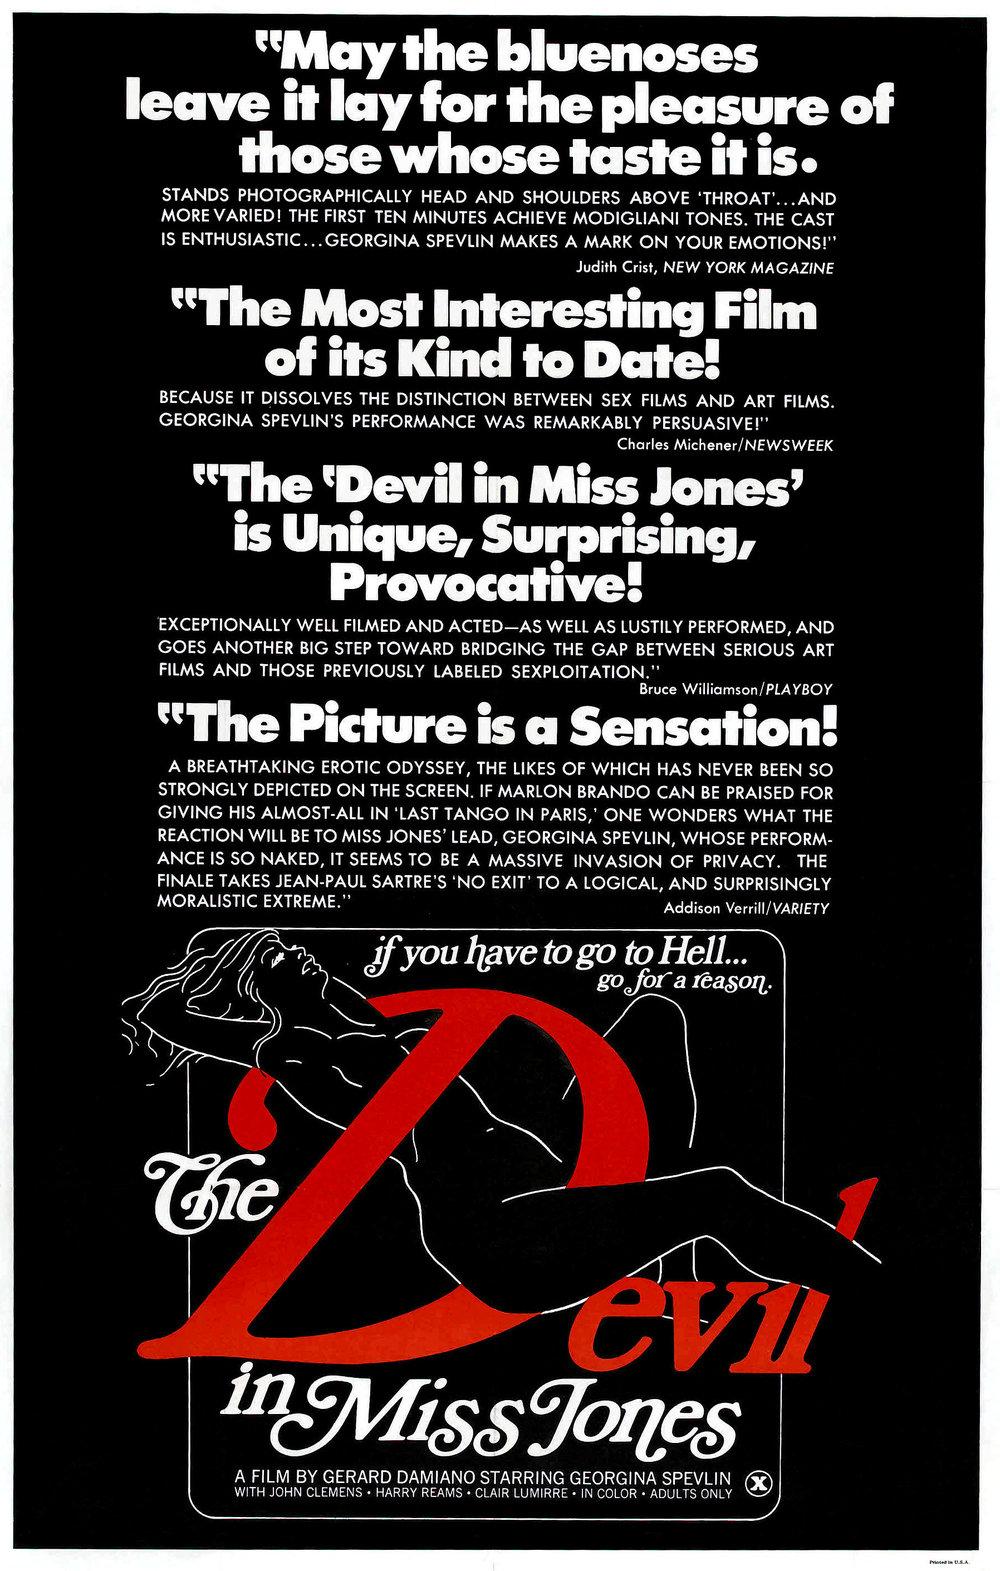 Devil_in_miss_jones_poster.jpg